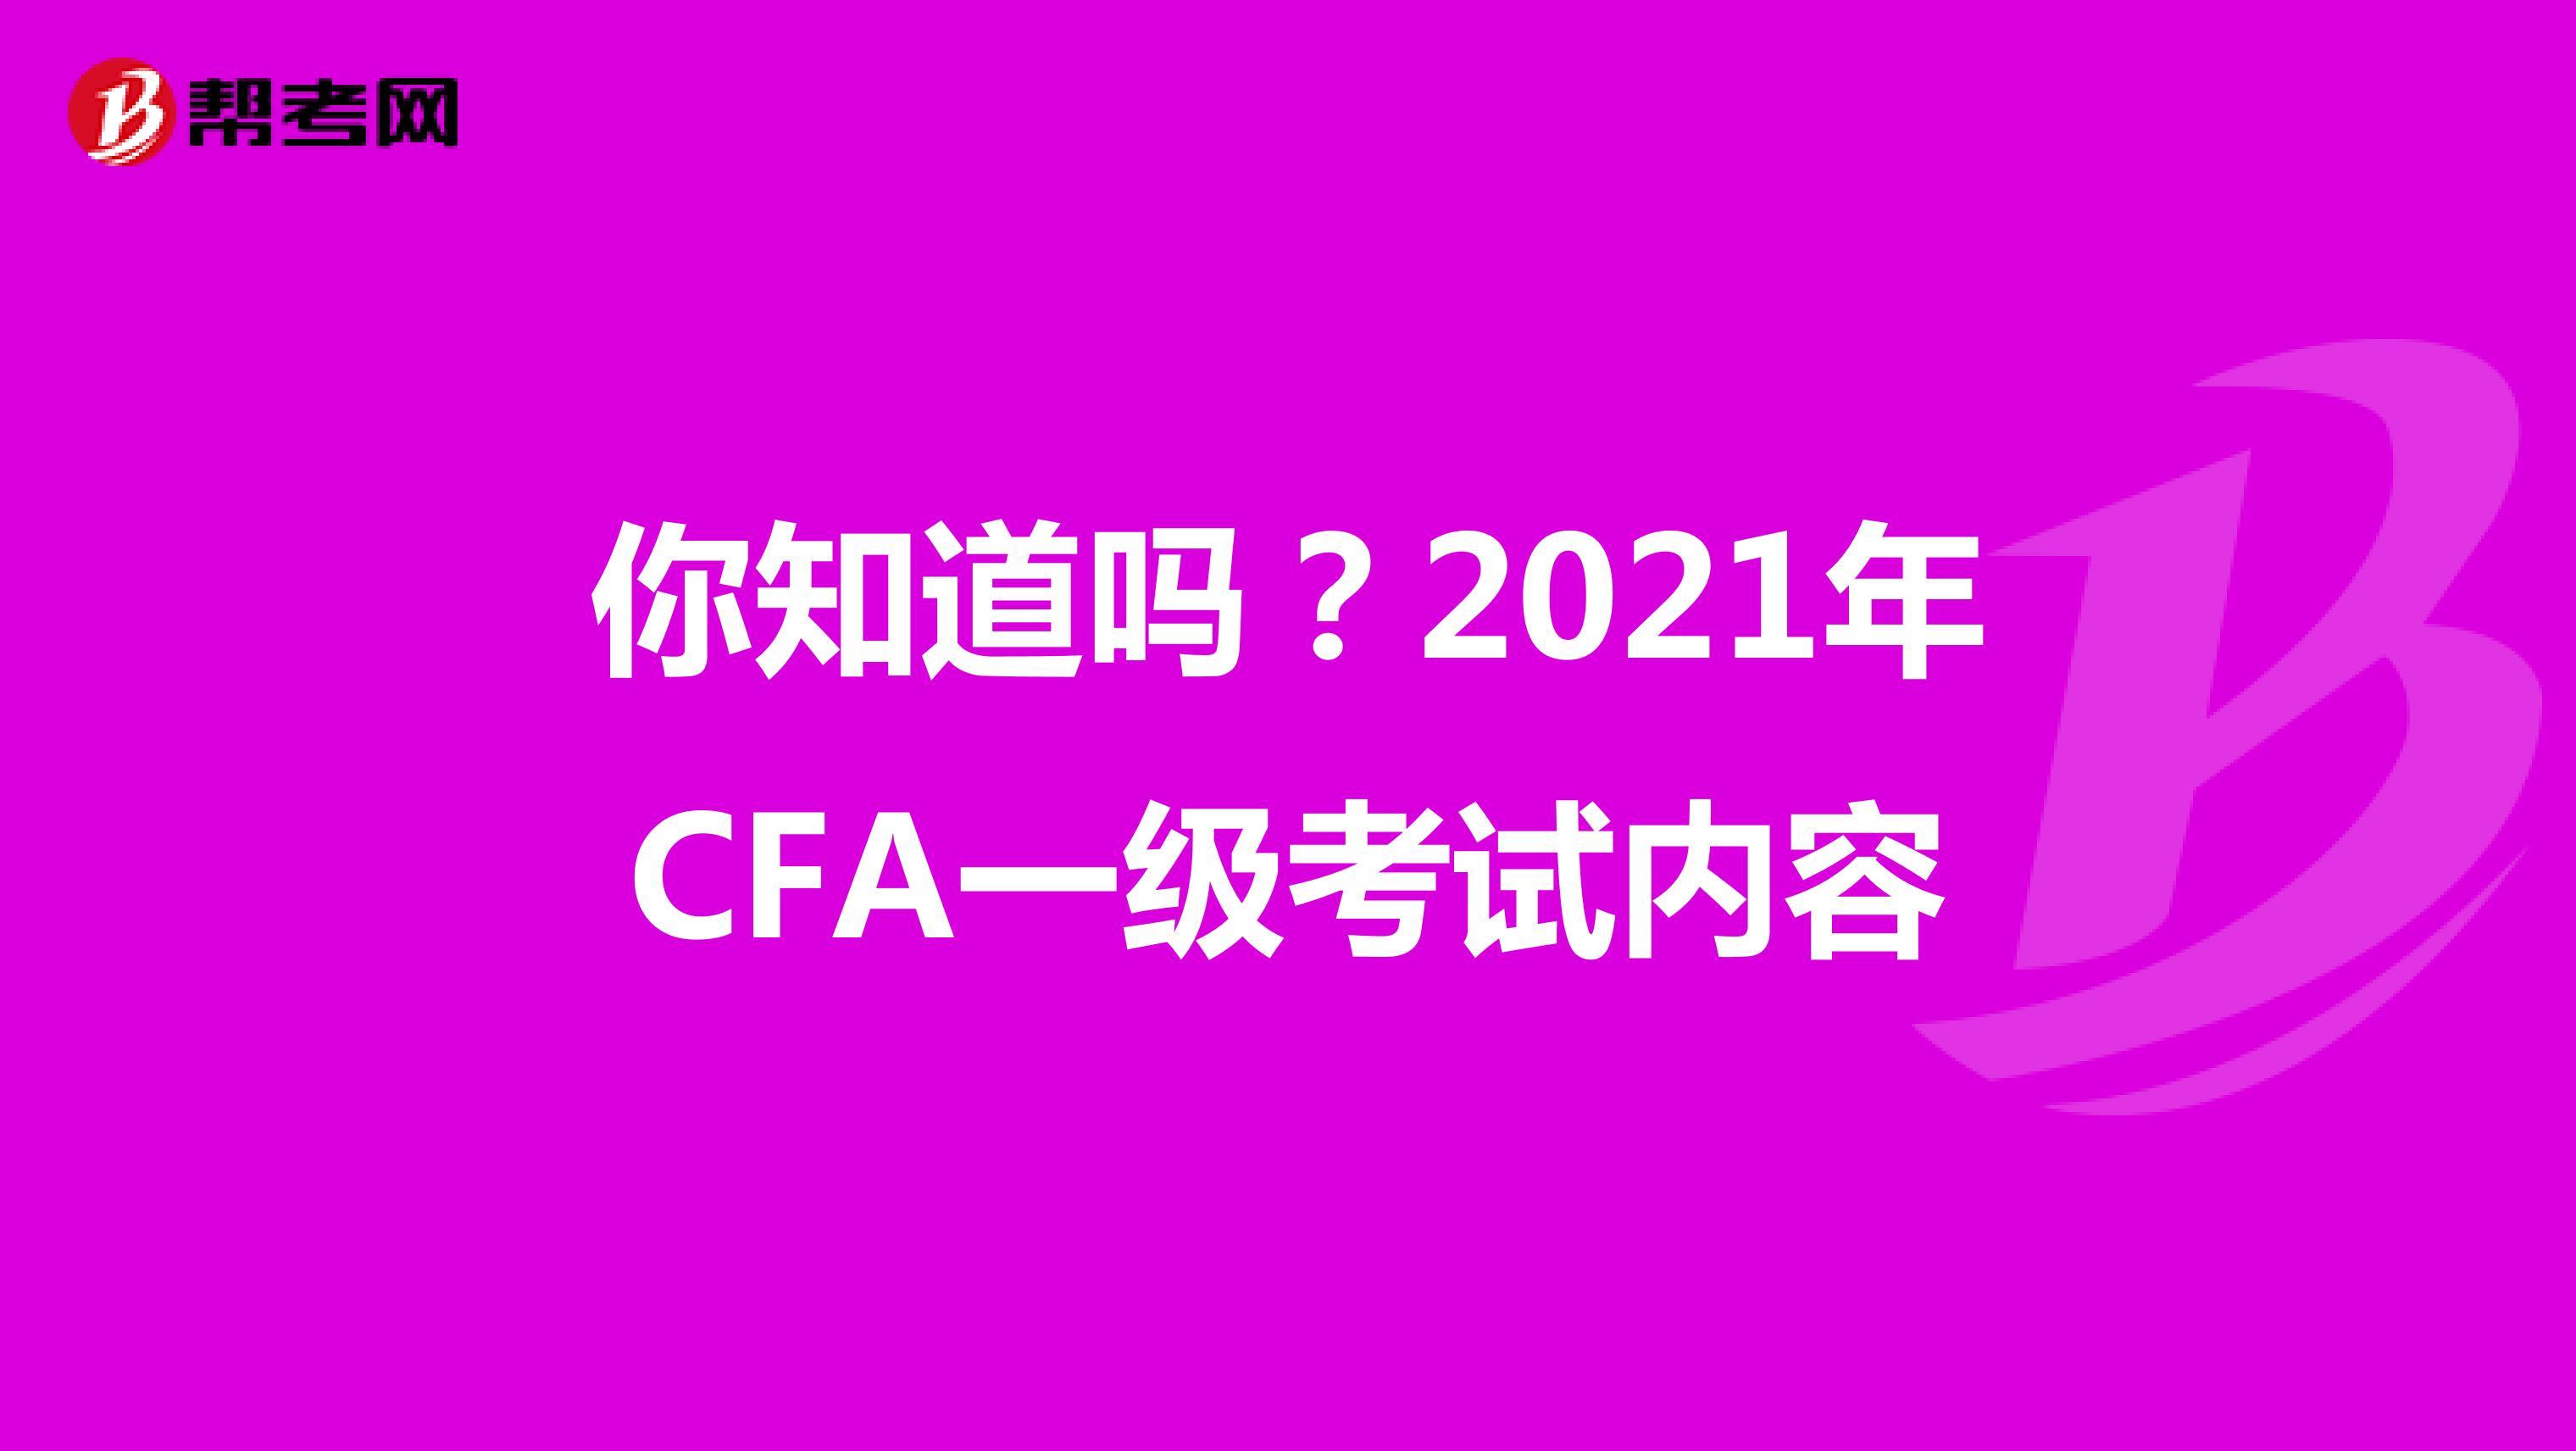 你知道吗?2021年CFA一级考试内容